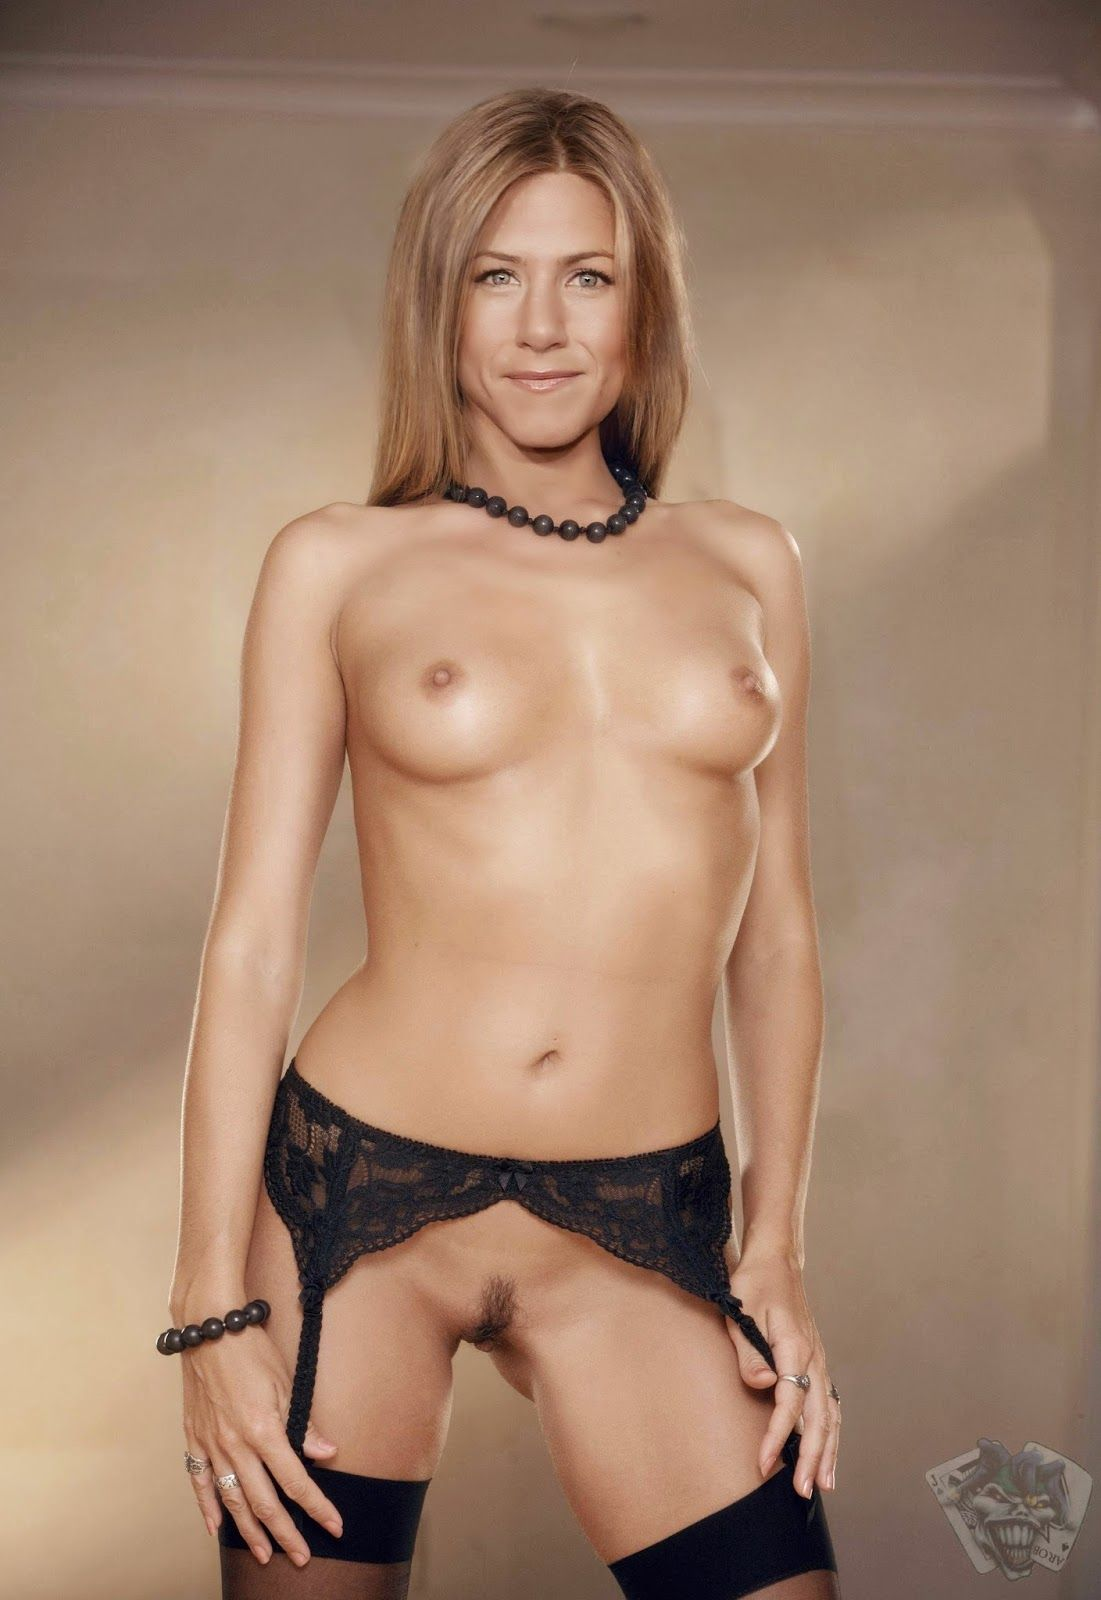 Jennifer aniston nackt bilder